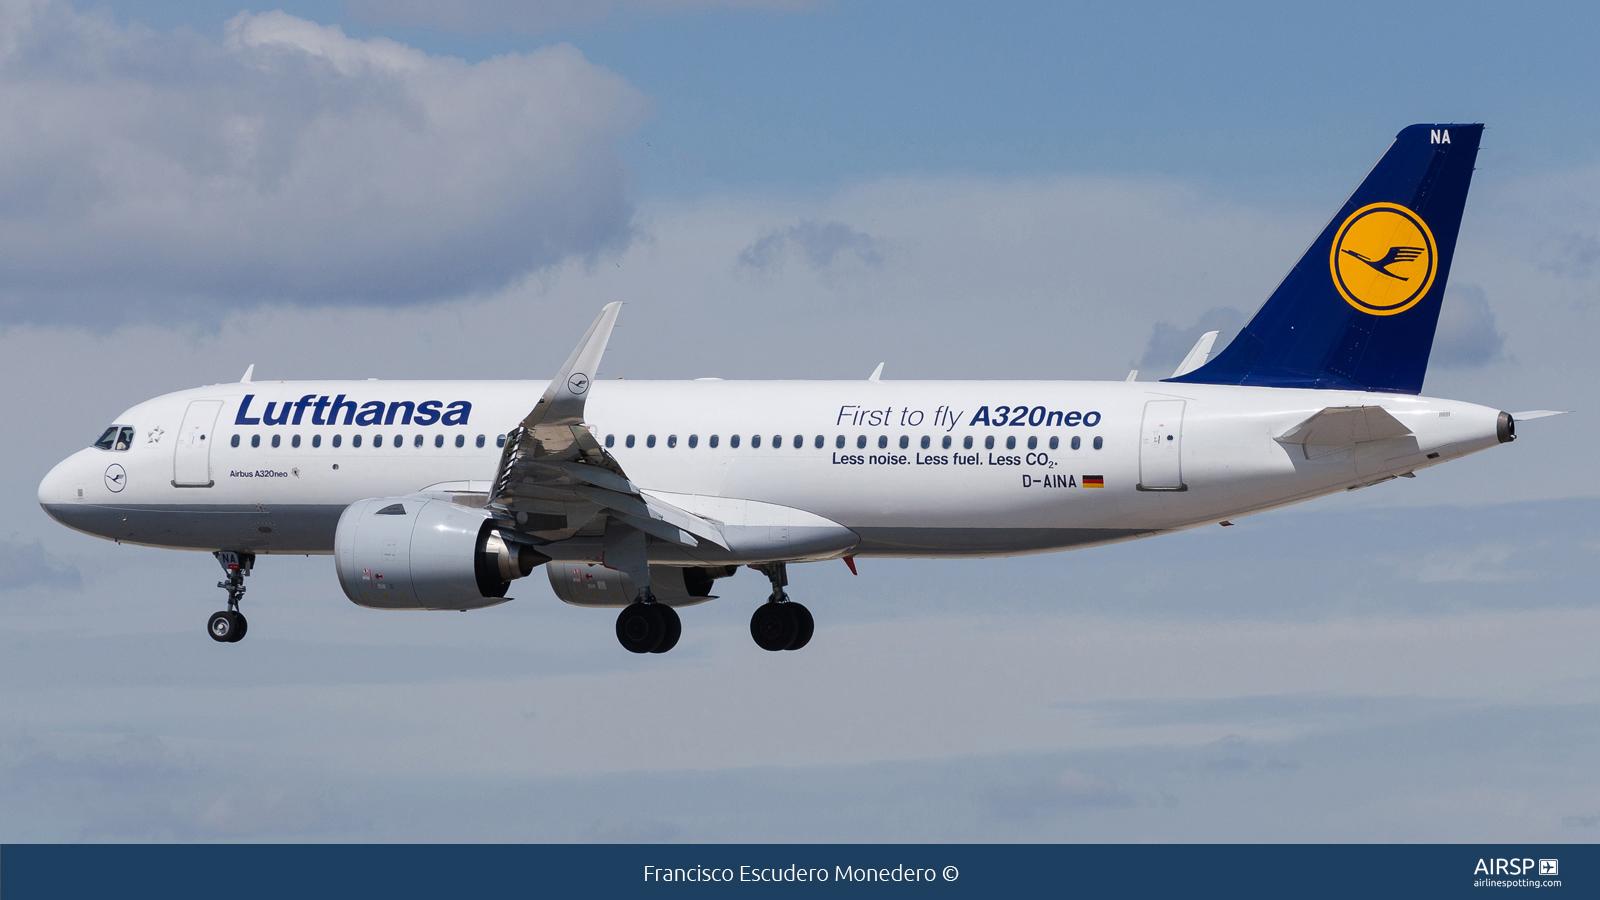 Lufthansa  Airbus A320neo  D-AINA